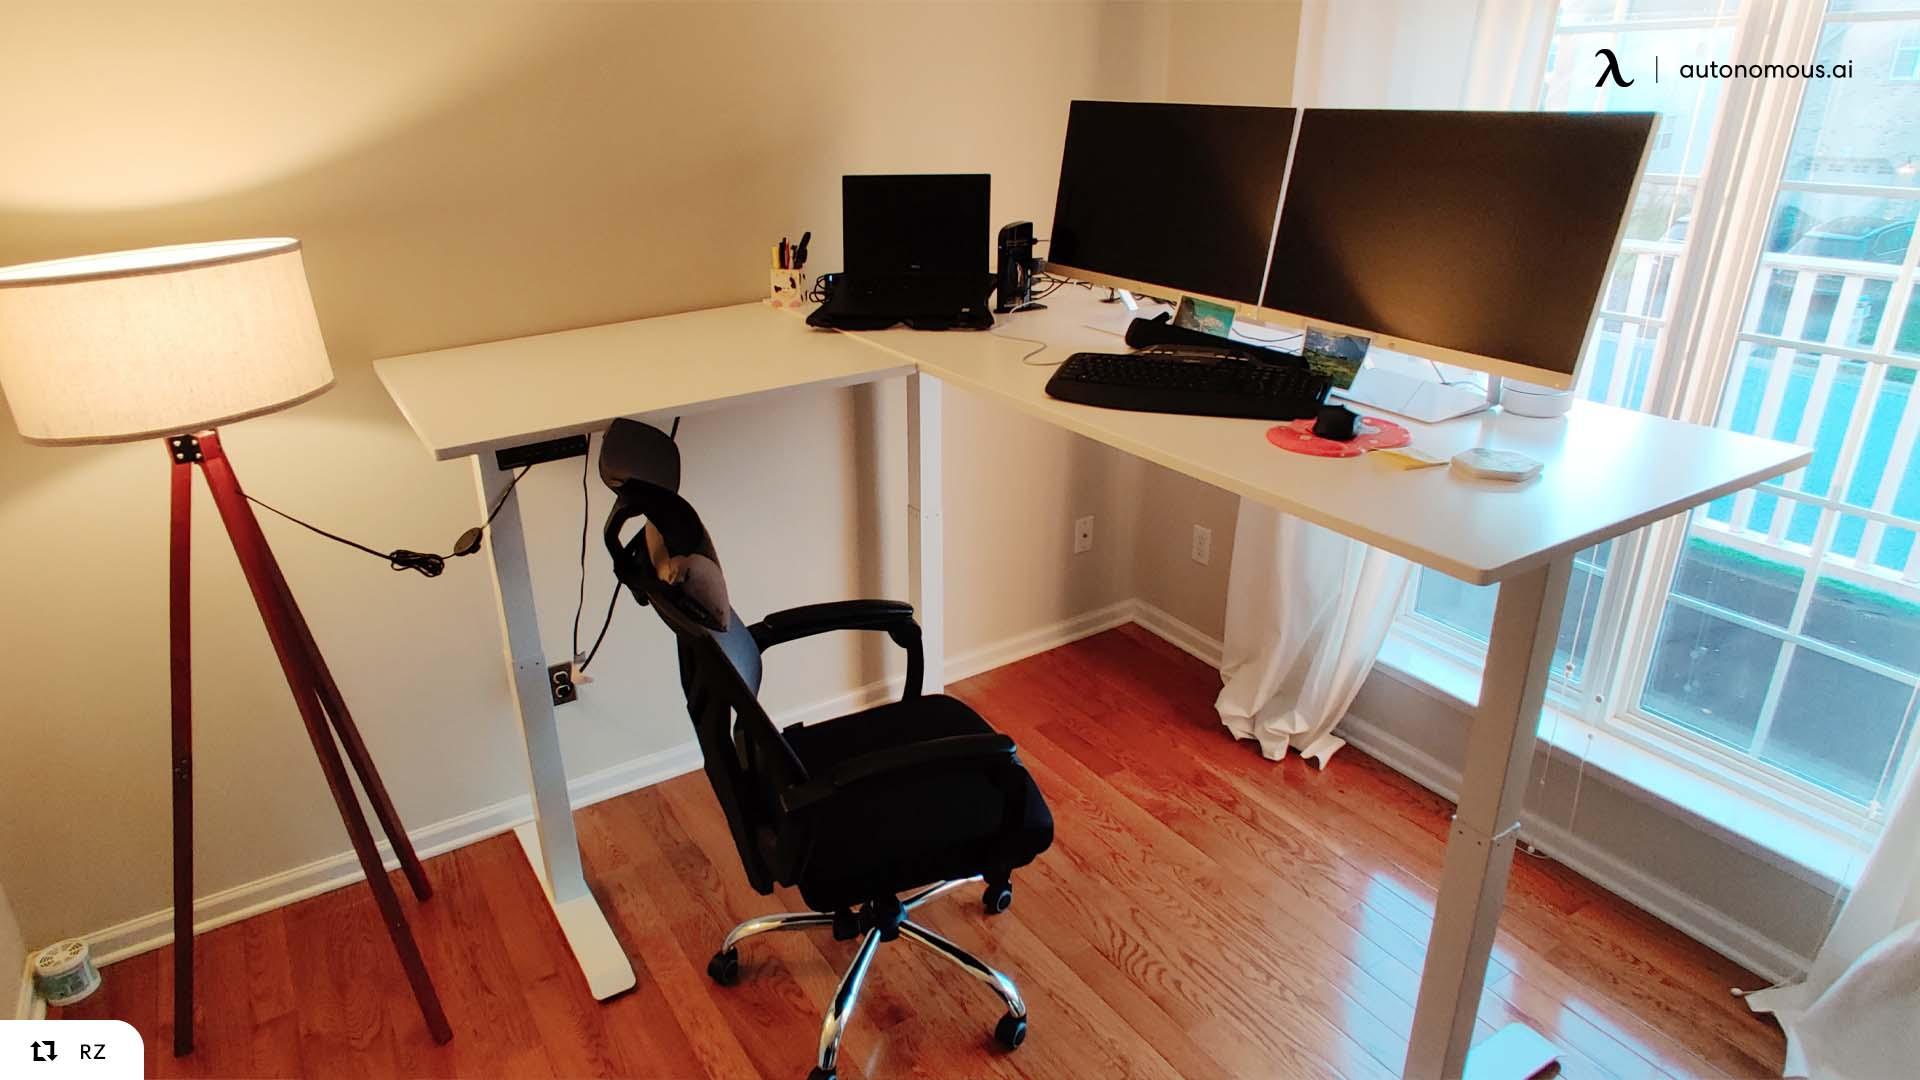 L-Shaped Smart Desk from Autonomous